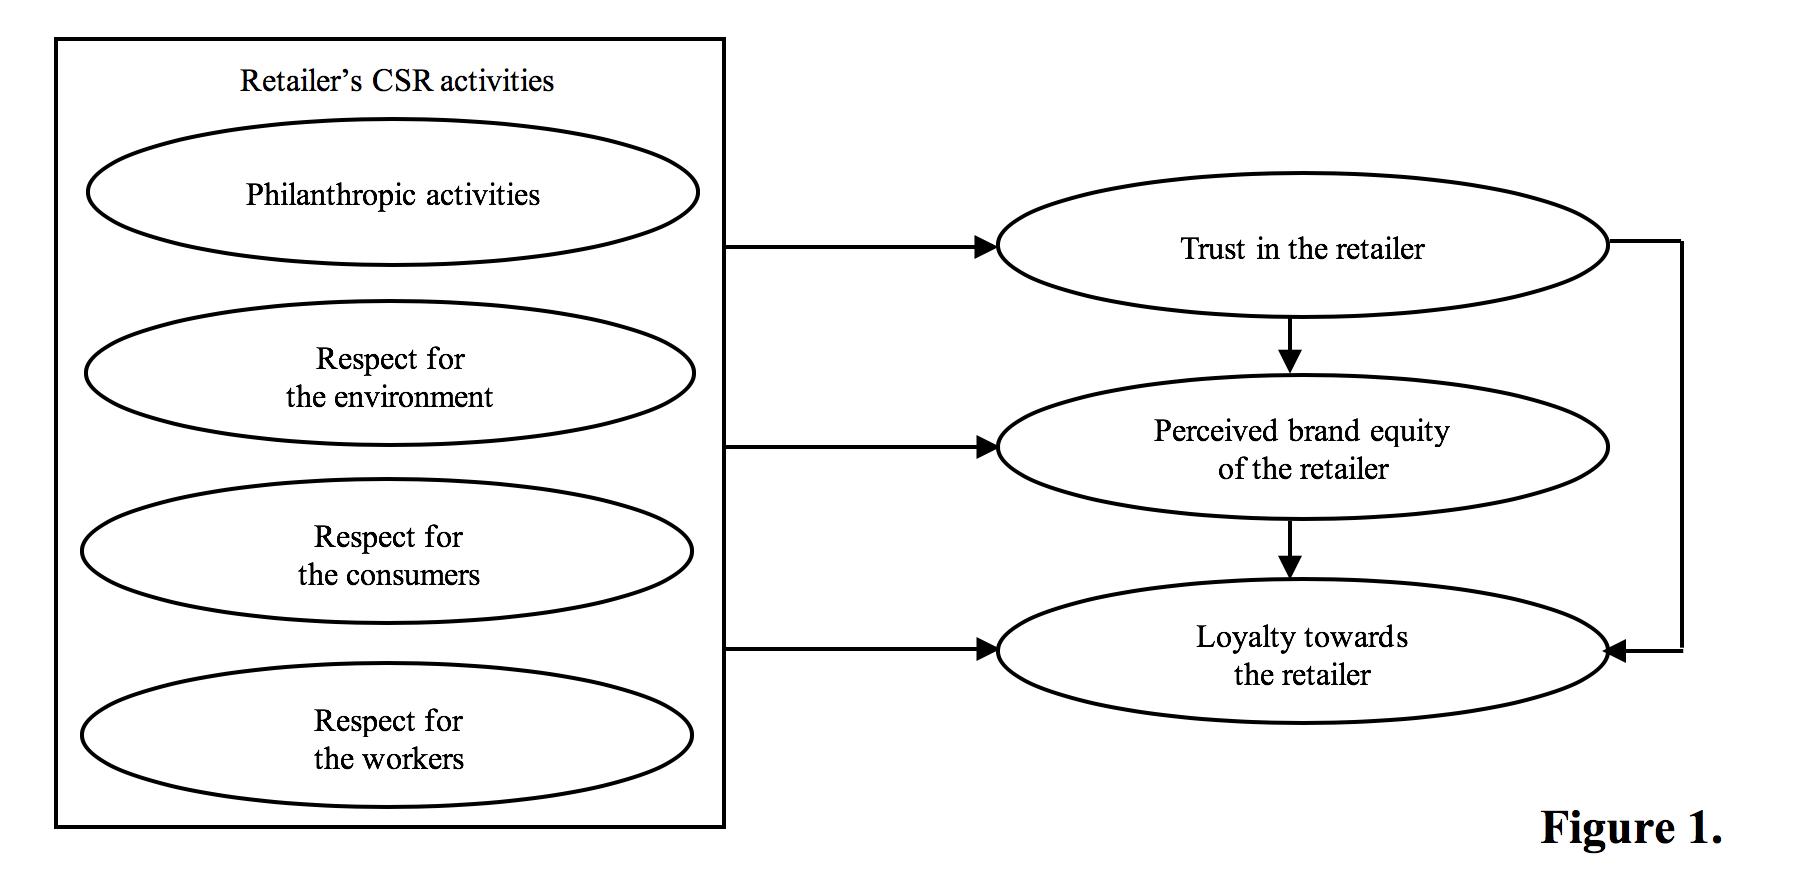 figure of relationship among retailer's CSR activities